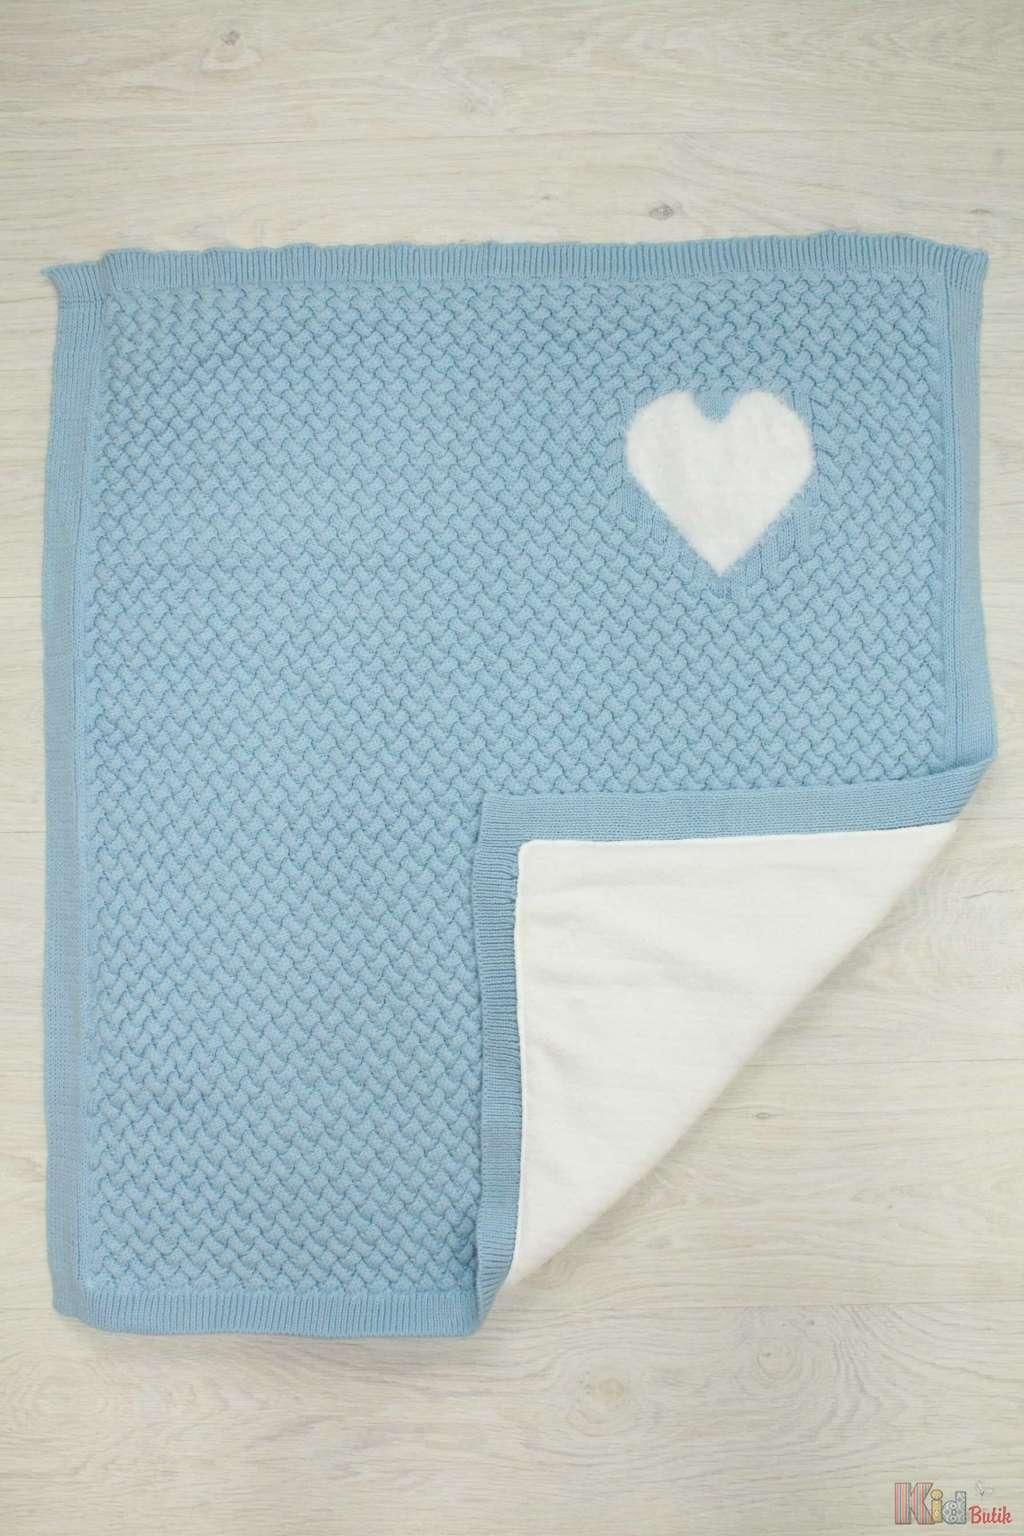 ᐈ одеяло вязаное для малыша 2129000440604 купить недорого в